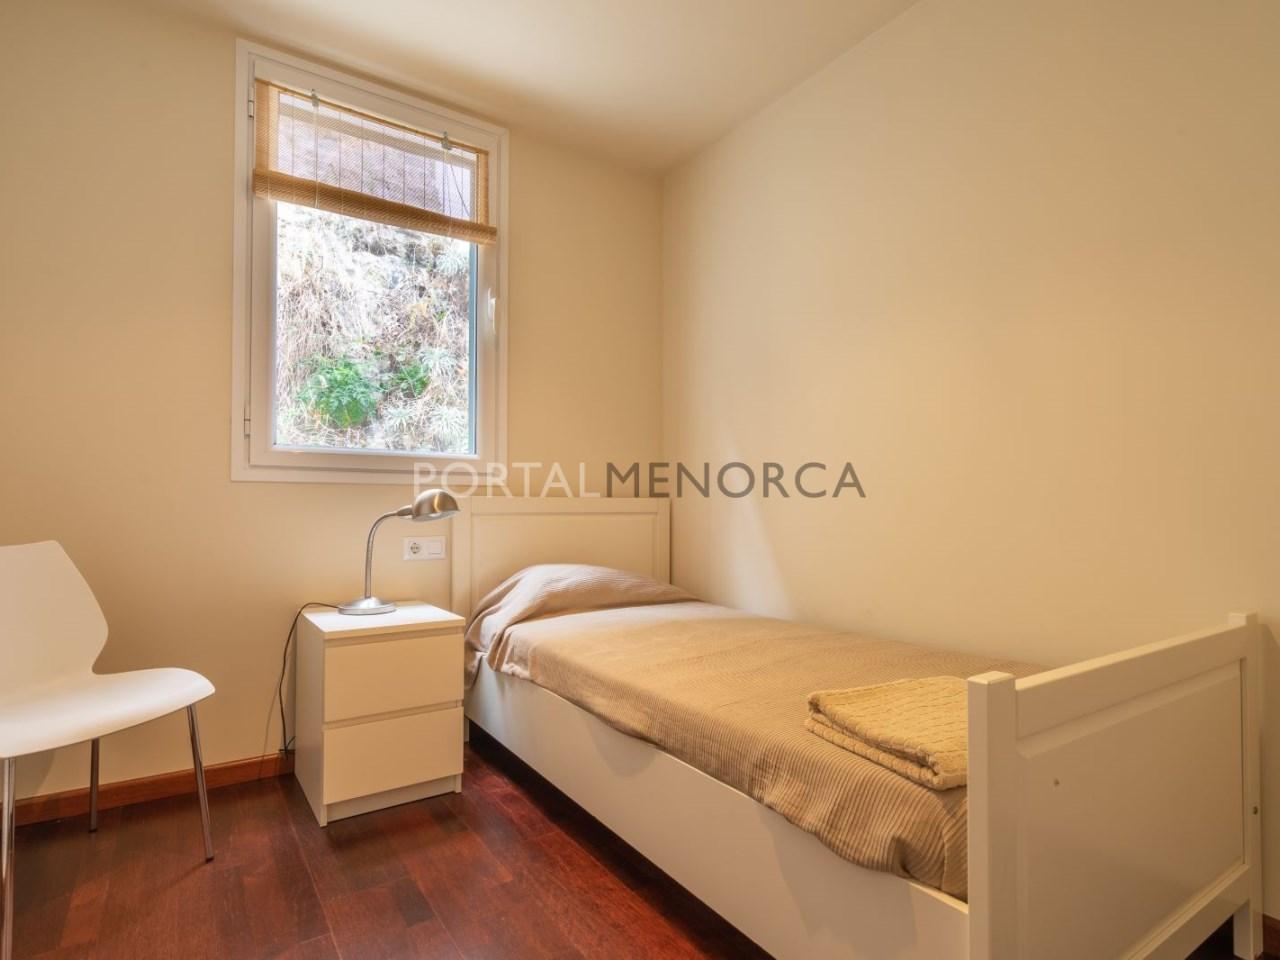 apartamento-venta-piso-menorca (1)